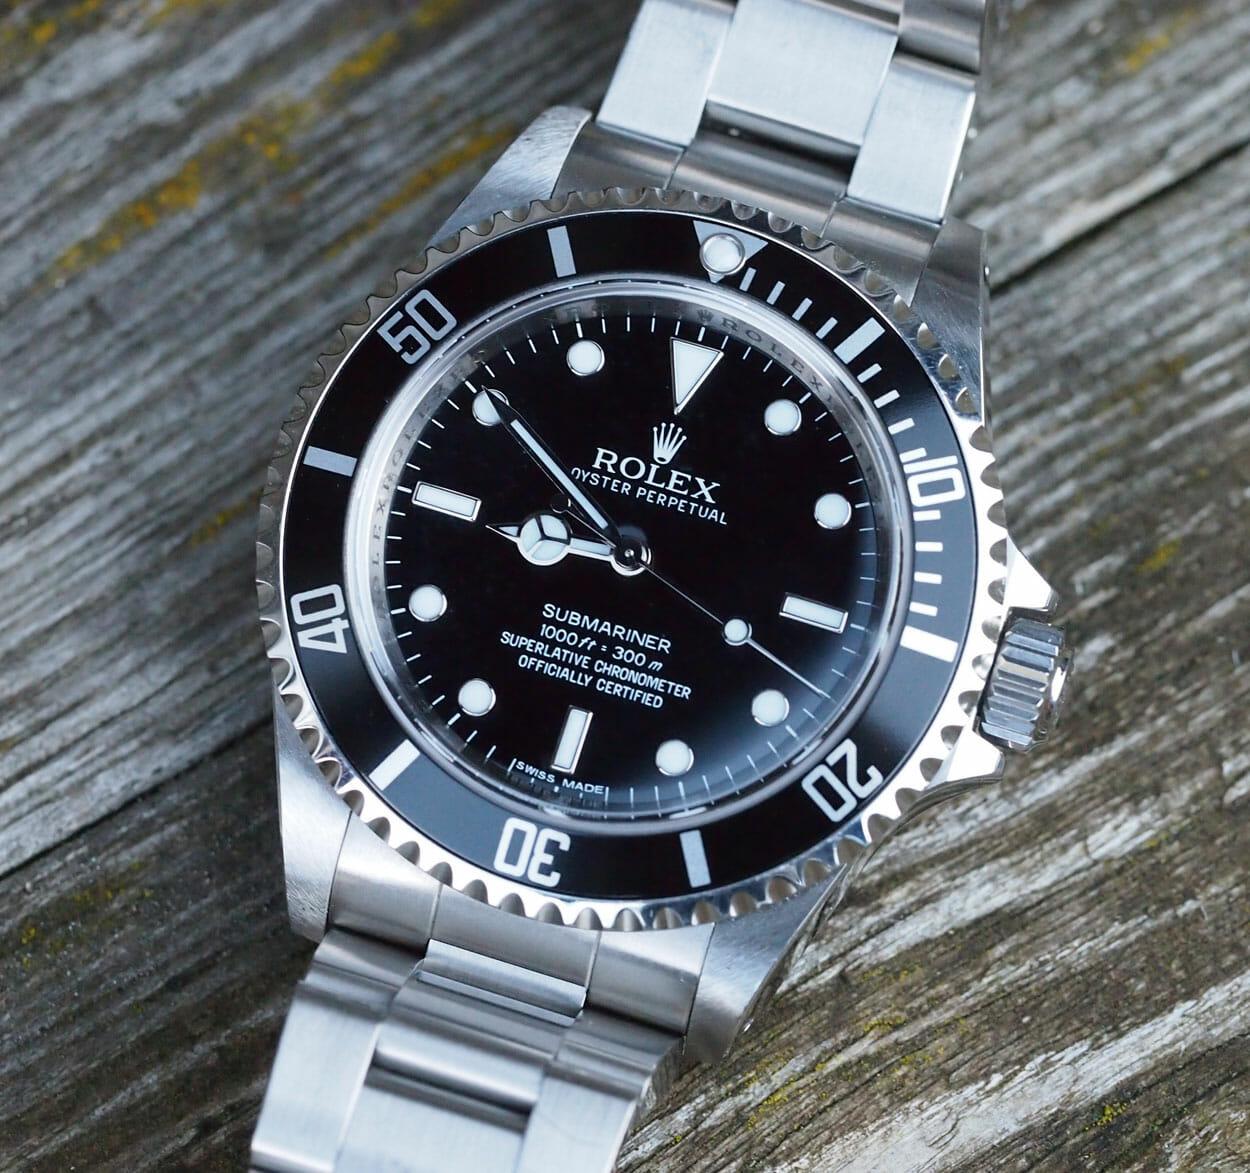 Rolex Submariner-14060M